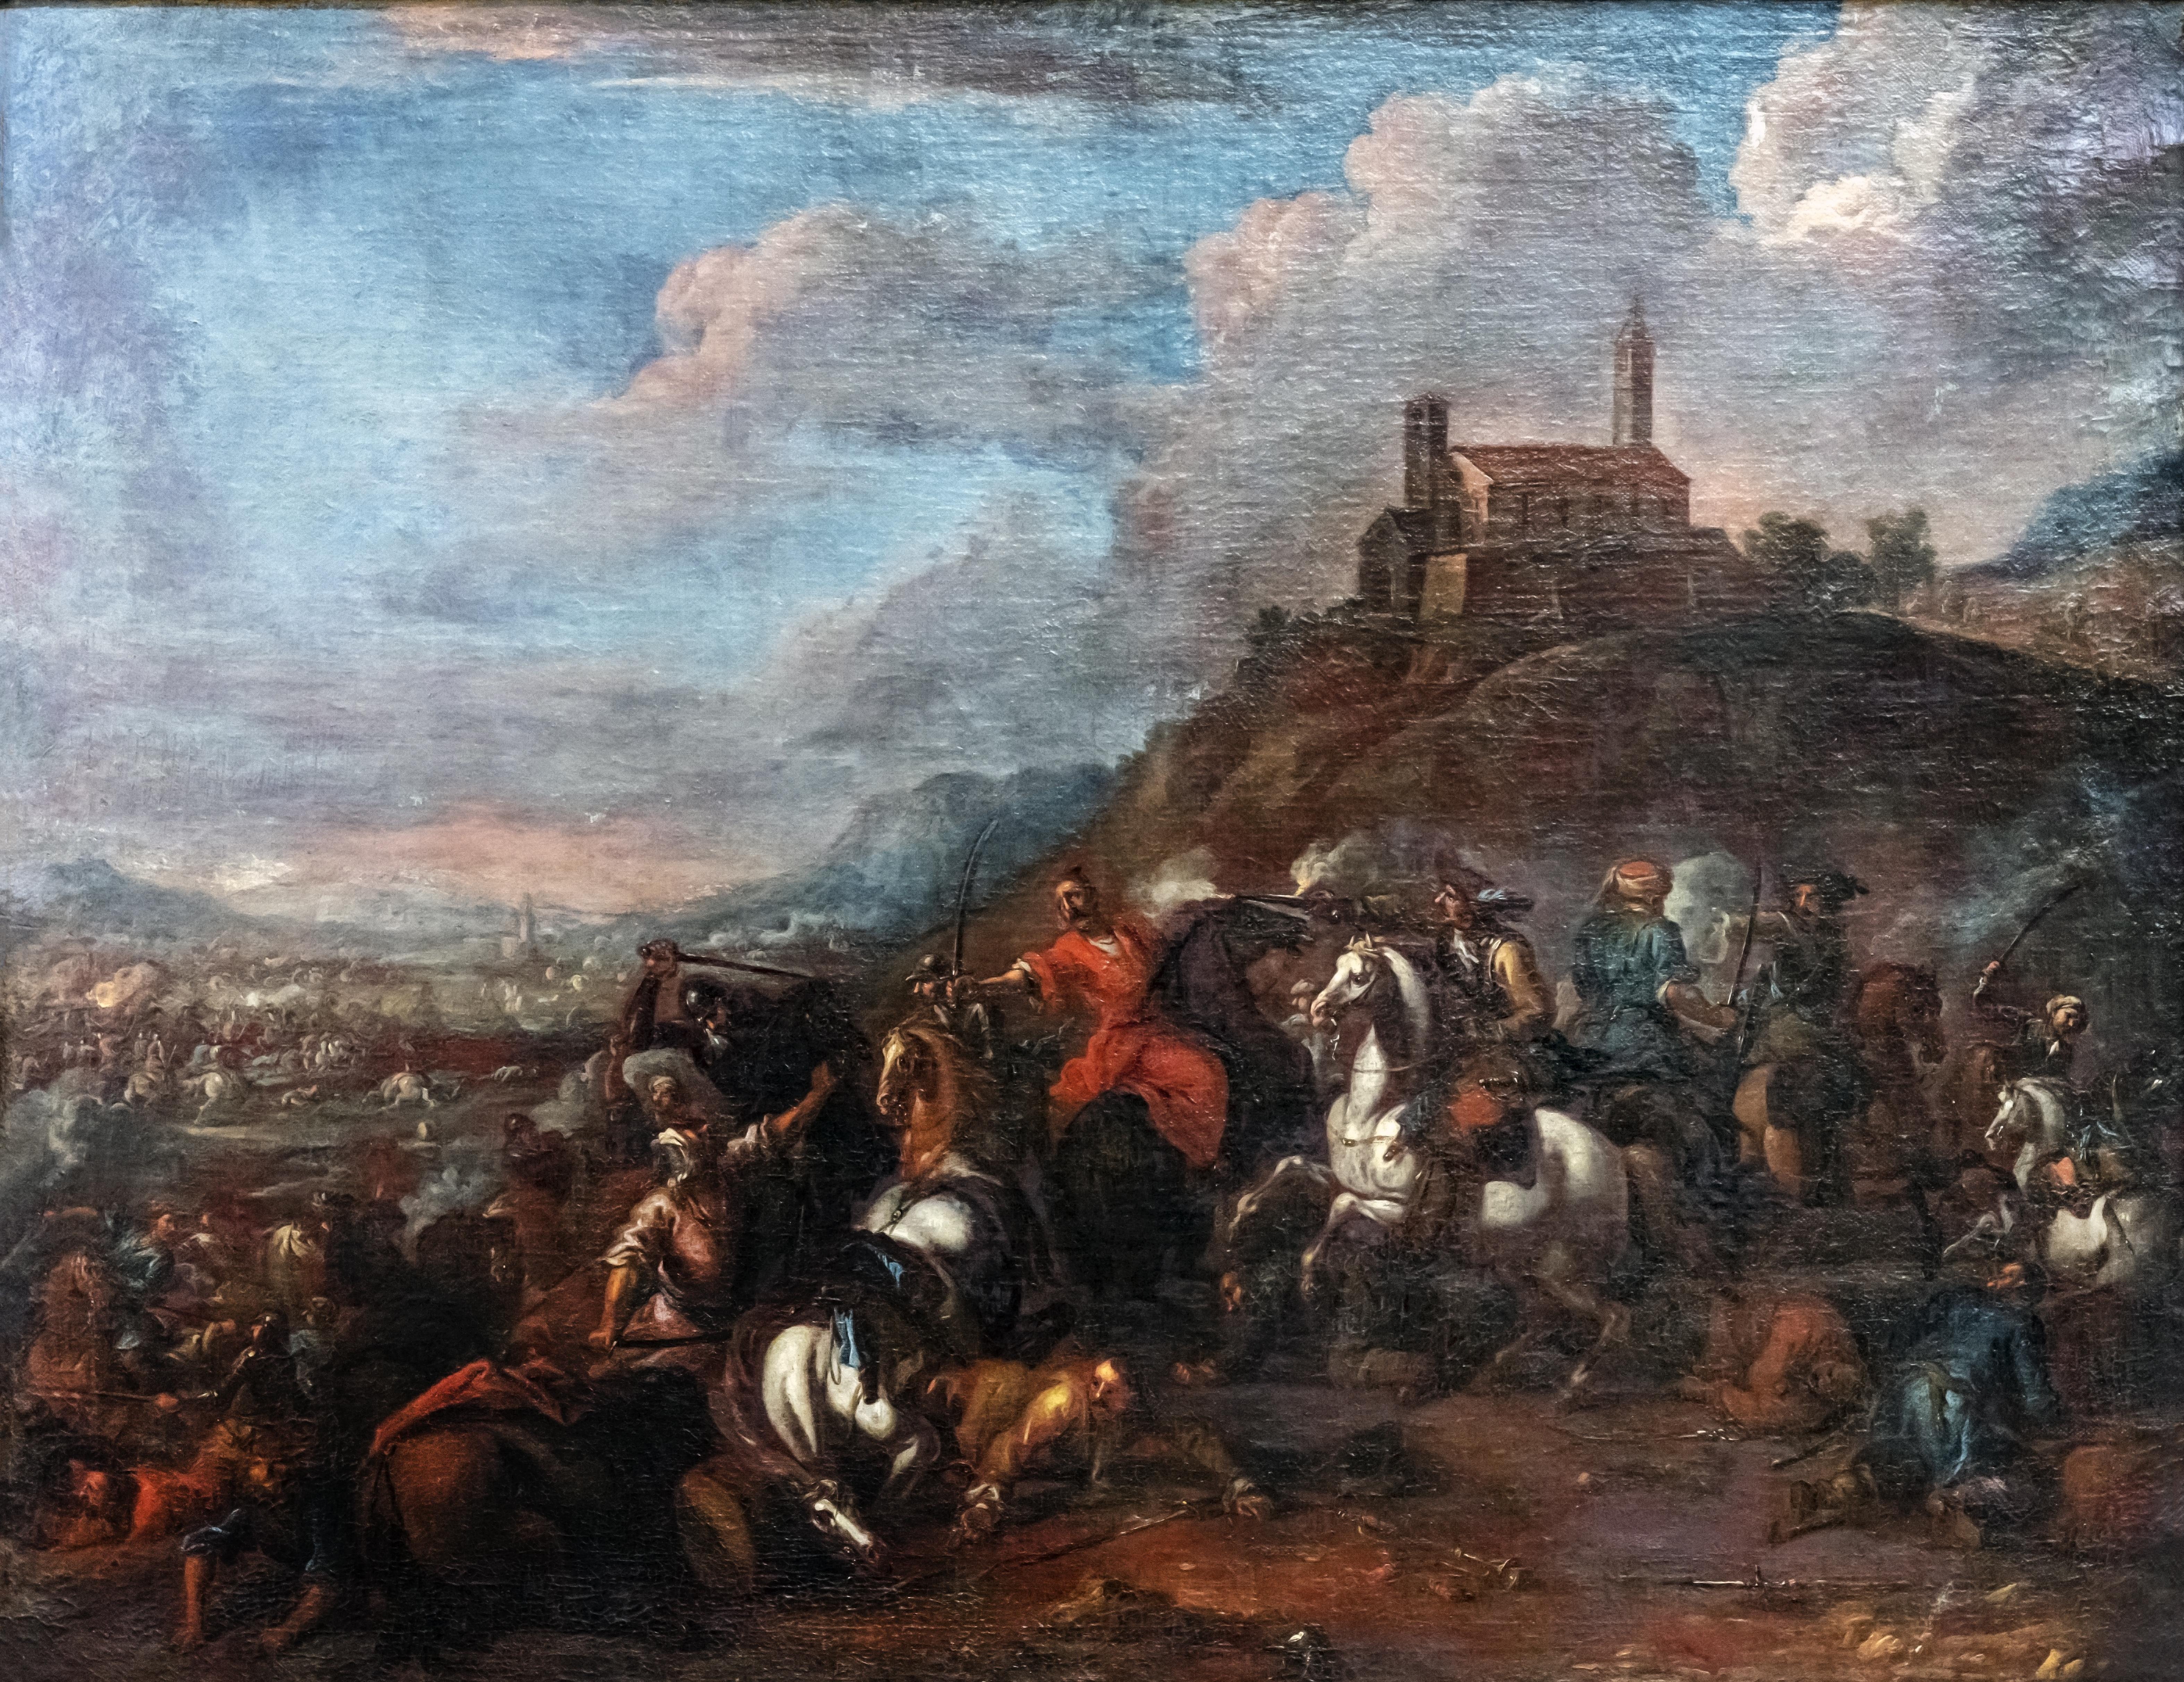 Beaux-Arts de Carcassonne - Combat de chretiens et de turcs - Joseph Parrocel 892.1.195 Joconde04400000503.jpg